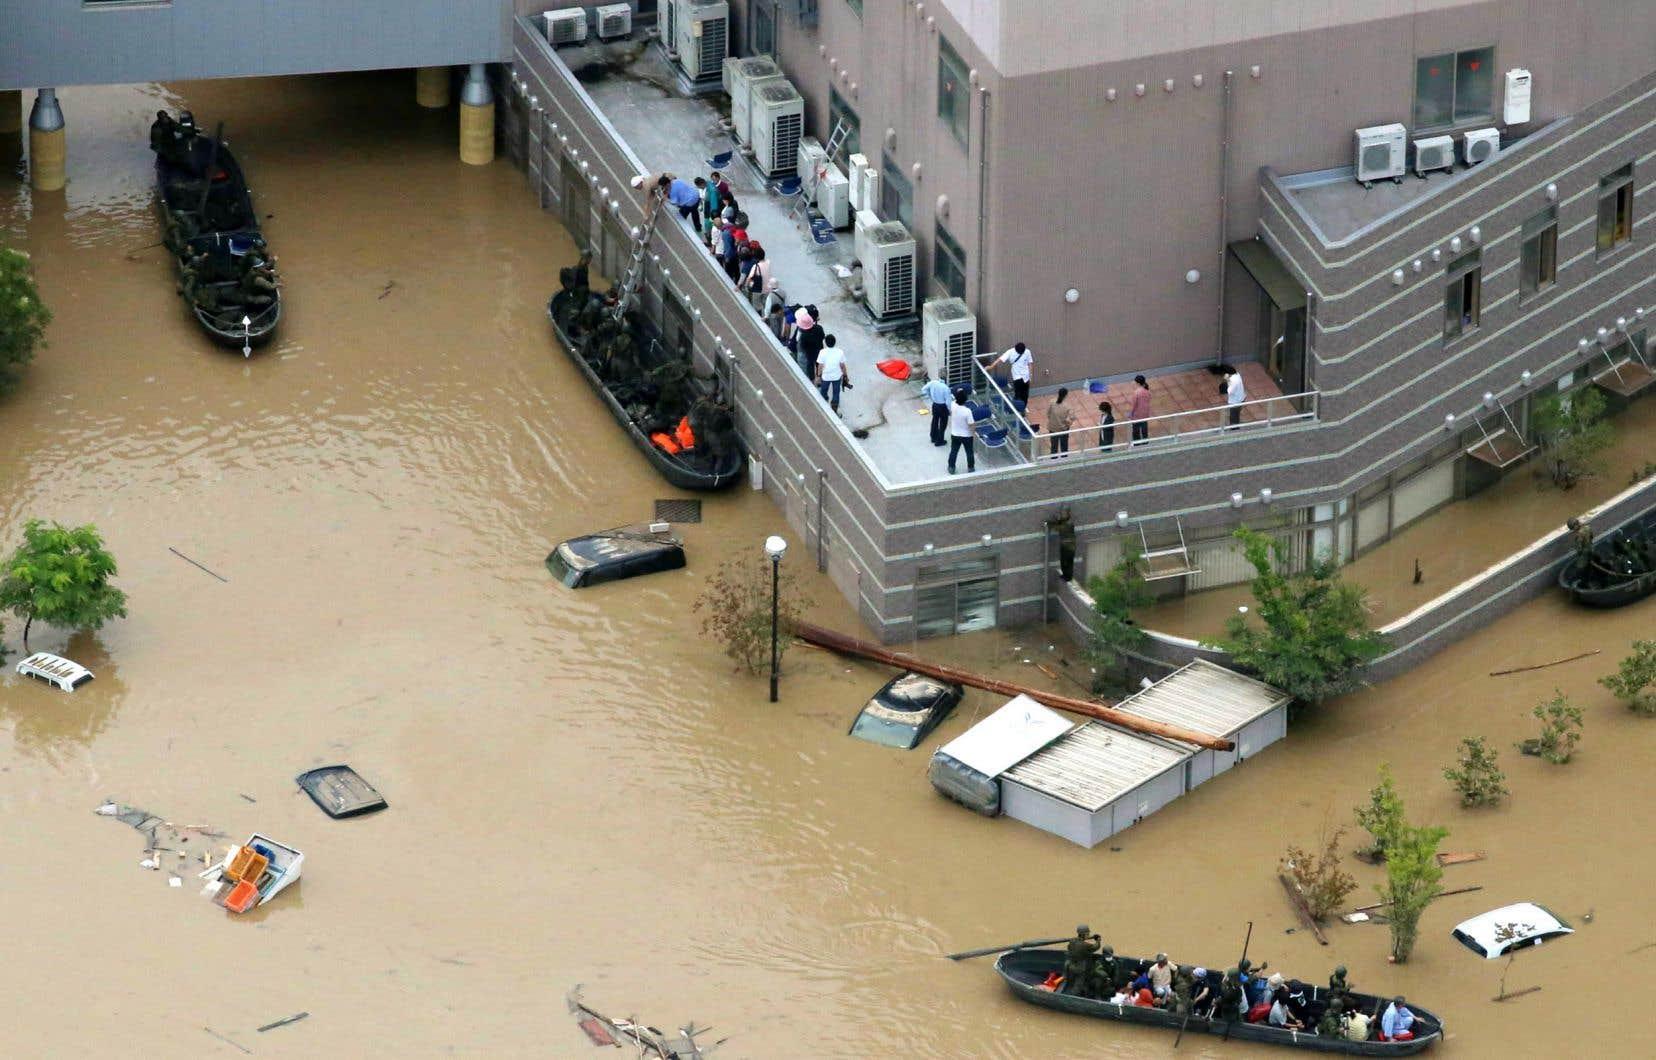 Au Japon, le fabricant japonais Hitachi prévoit des perturbations dans son réseau d'approvisionnement en Asie du Sud-Est à cause des précipitations accrues. Sur la photo, des patients sont secourus d'un hôpital après d'importantes inondations en juillet 2018.